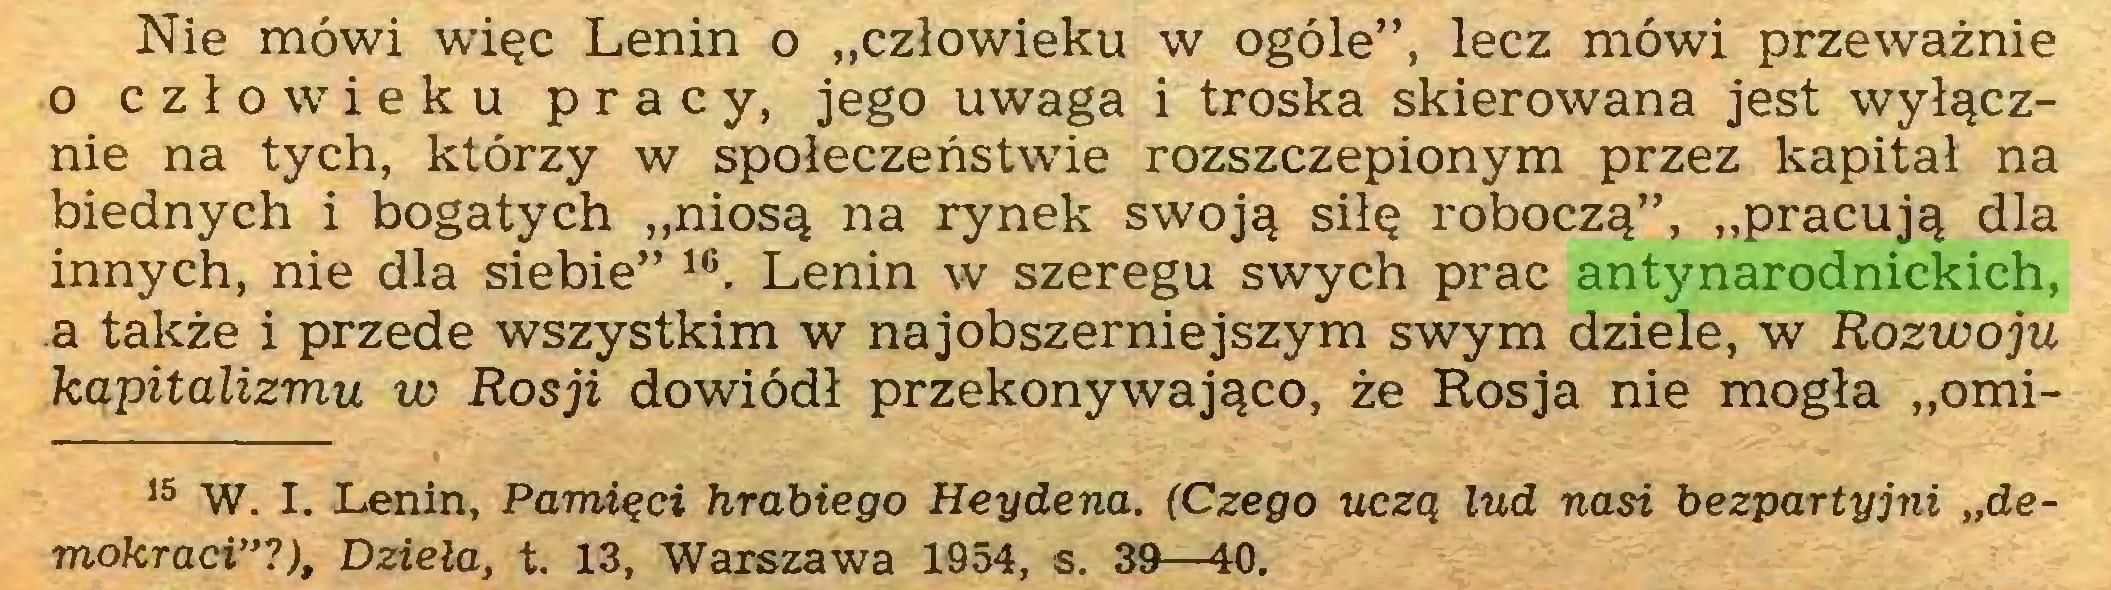 """(...) Nie mówi więc Lenin o """"człowieku w ogóle"""", lecz mówi przeważnie o człowieku pracy, jego uwaga i troska skierowana jest wyłącznie na tych, którzy w społeczeństwie rozszczepionym przez kapitał na biednych i bogatych """"niosą na rynek swoją siłę roboczą"""", """"pracują dla innych, nie dla siebie"""" 16. Lenin w szeregu swych prac antynarodnickich, a także i przede wszystkim w najobszerniejszym swym dziele, w Rozwoju kapitalizmu w Rosji dowiódł przekonywająco, że Rosja nie mogła """"omi* 1015 W. I. Lenin, Pamięci hrabiego Heydena. (Czego uczą lud nasi bezpartyjni """"demokraci""""?), Dzieła, t. 13, Warszawa 1954, s. 39—40..."""